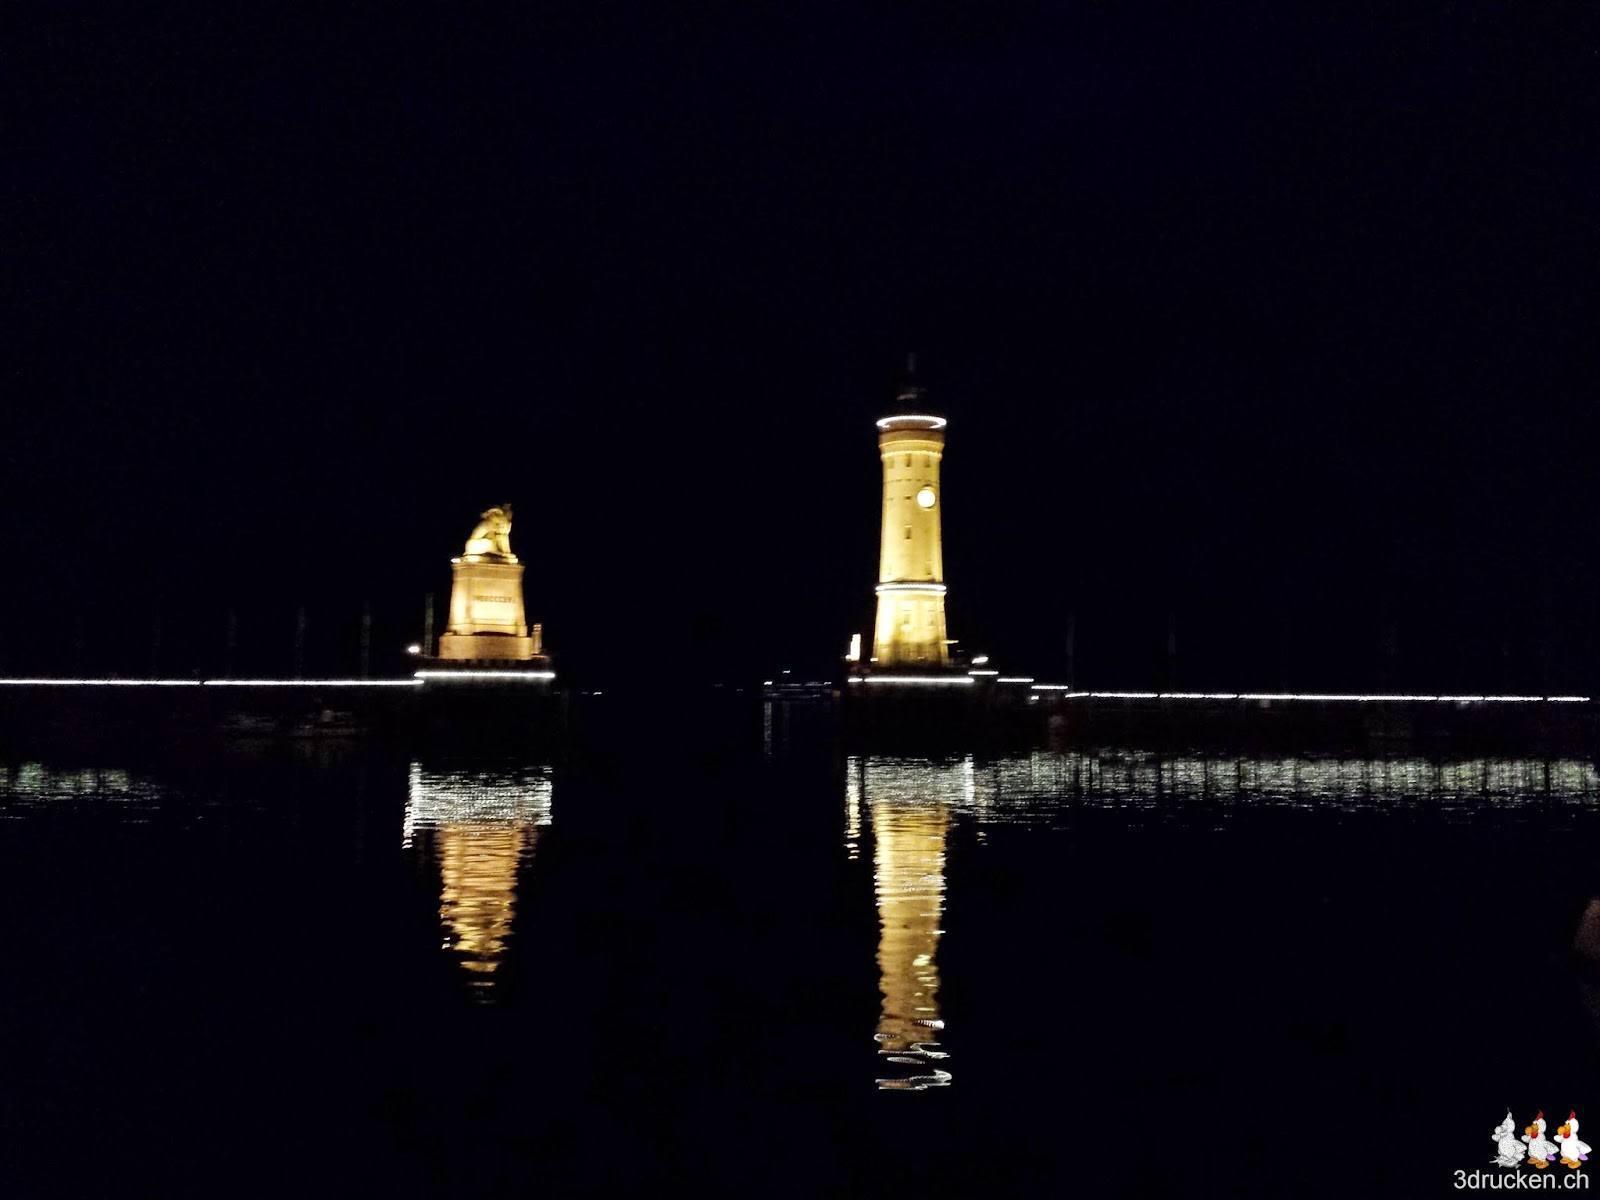 Foto der beleuchteten Hafeneinfahrt von Lindau bei Nacht mit Leuchtturm und Löwen